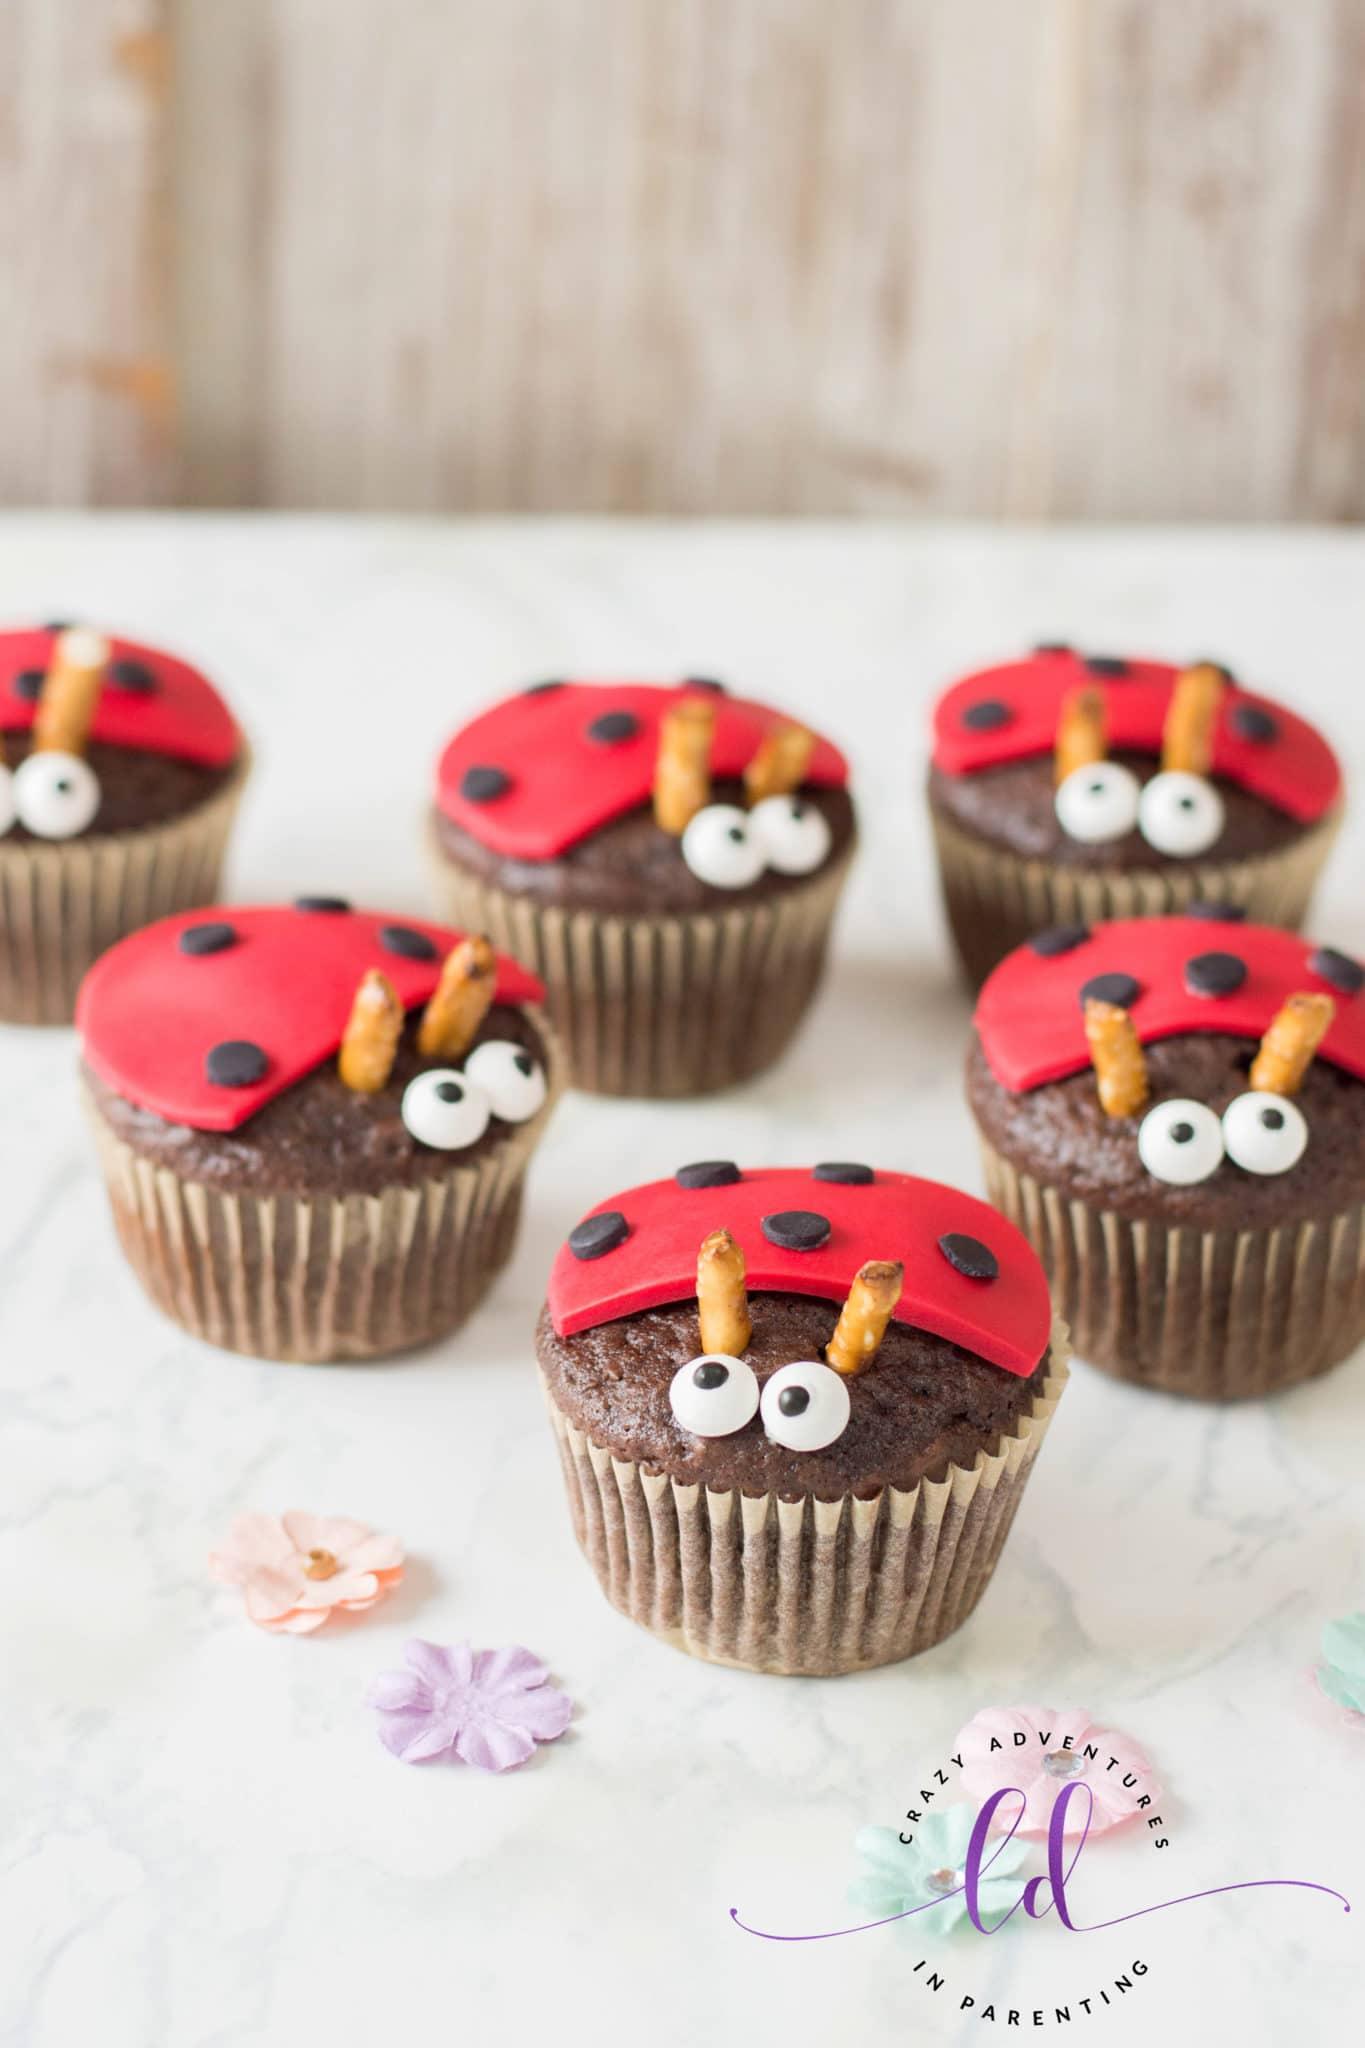 Cute Ladybug Lovebug Cupcakes